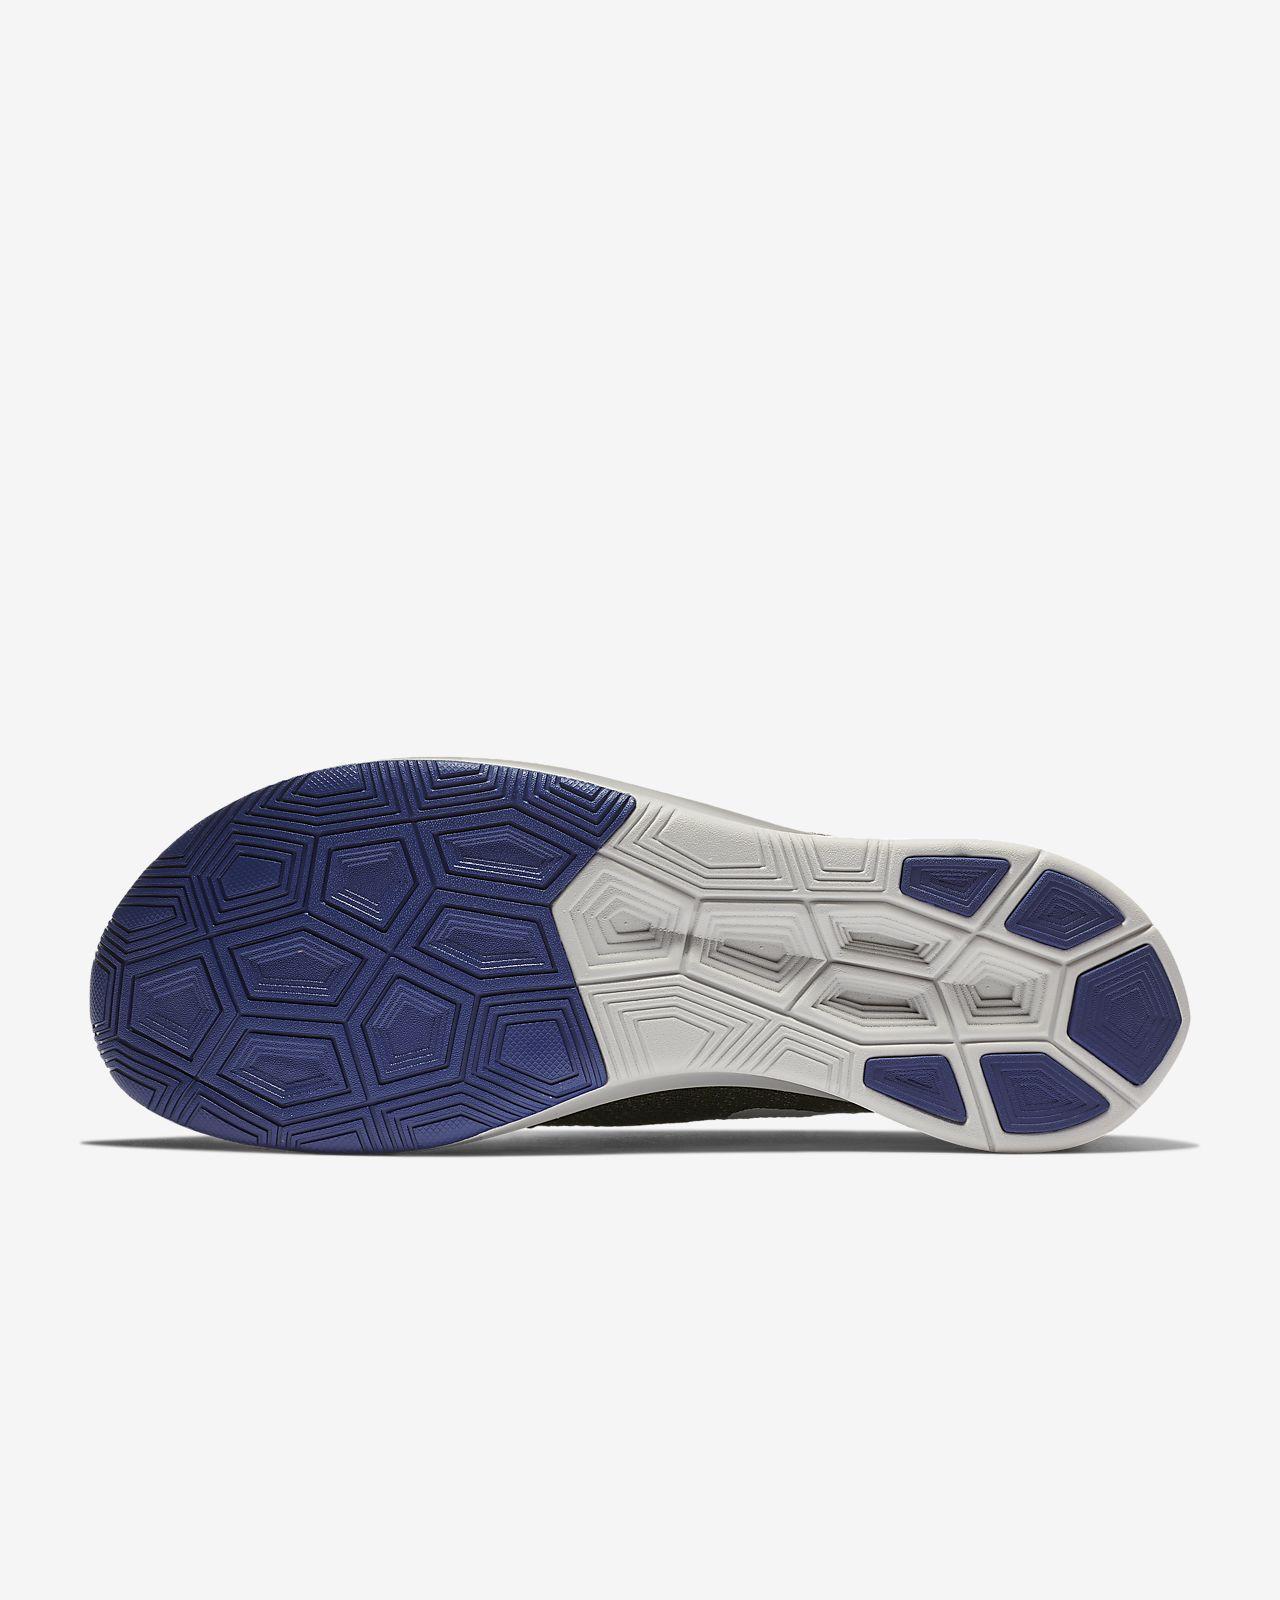 129e917176737 Nike Zoom Fly Flyknit Men s Running Shoe. Nike.com NO